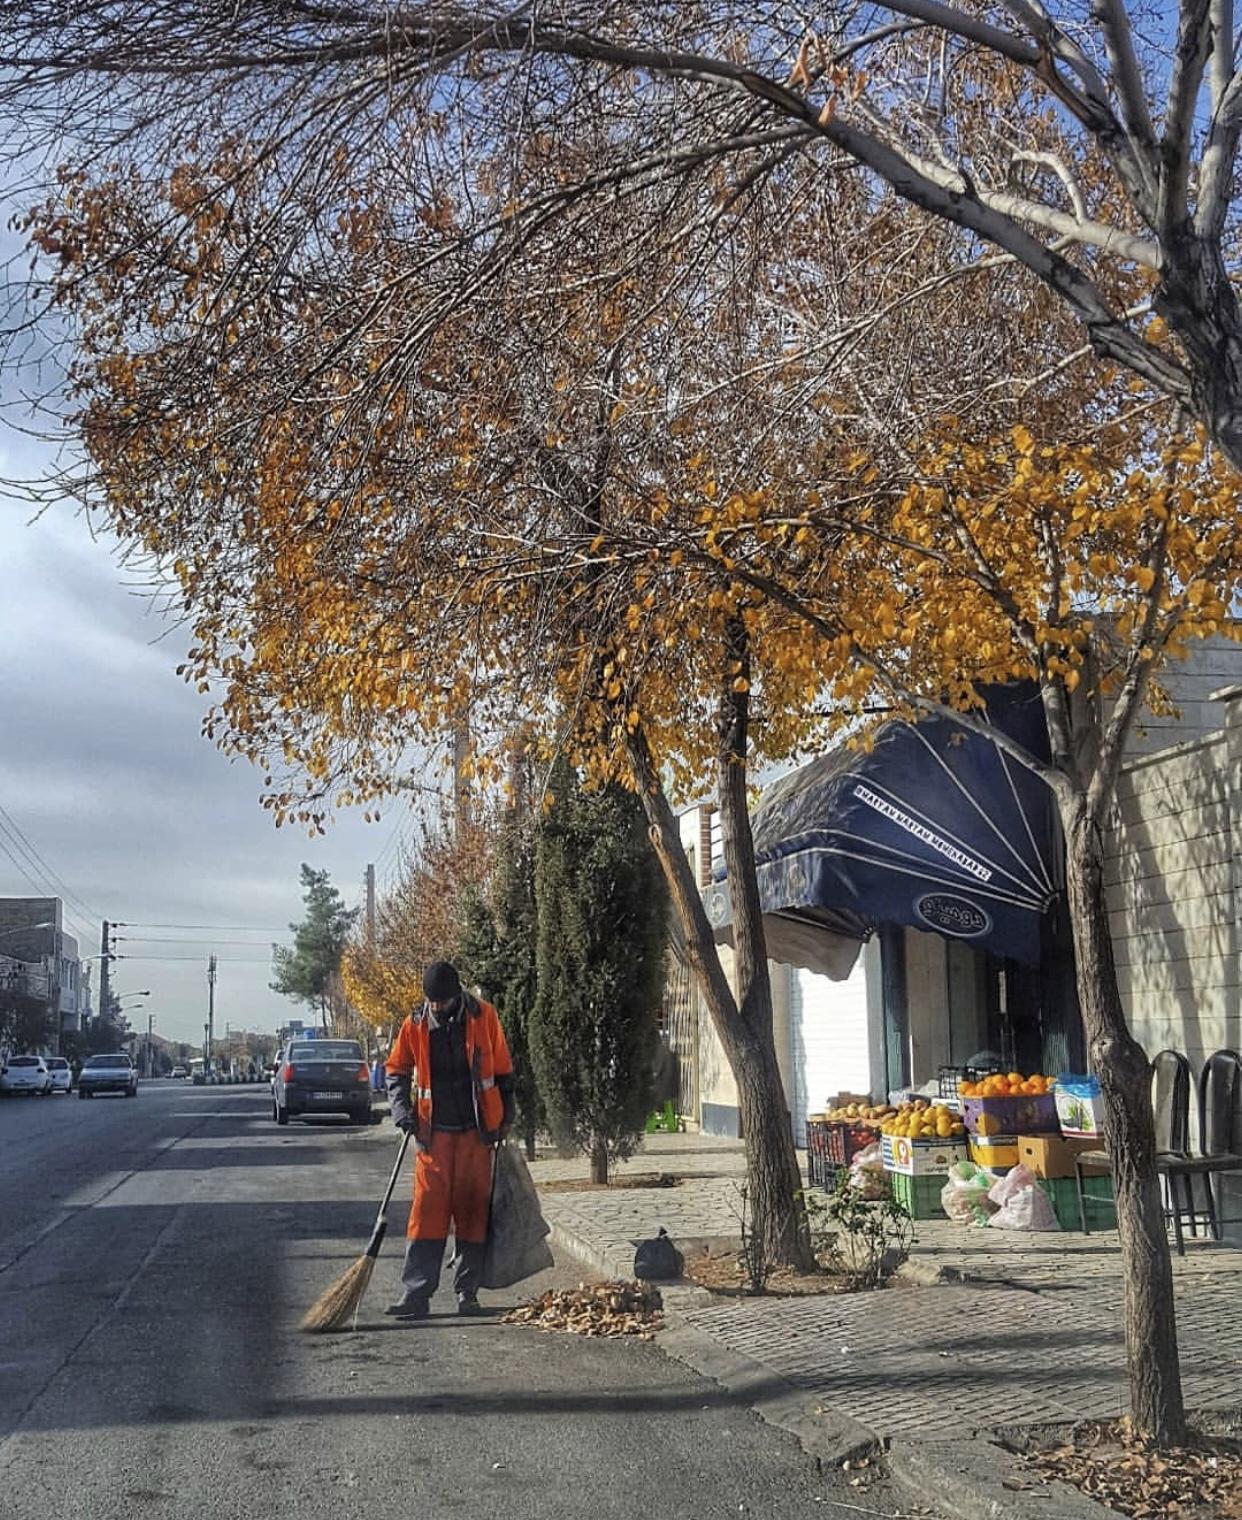 عدسة إيرانية: عامل نظافة يقوم بتنظيف الشارع في سمنان 3